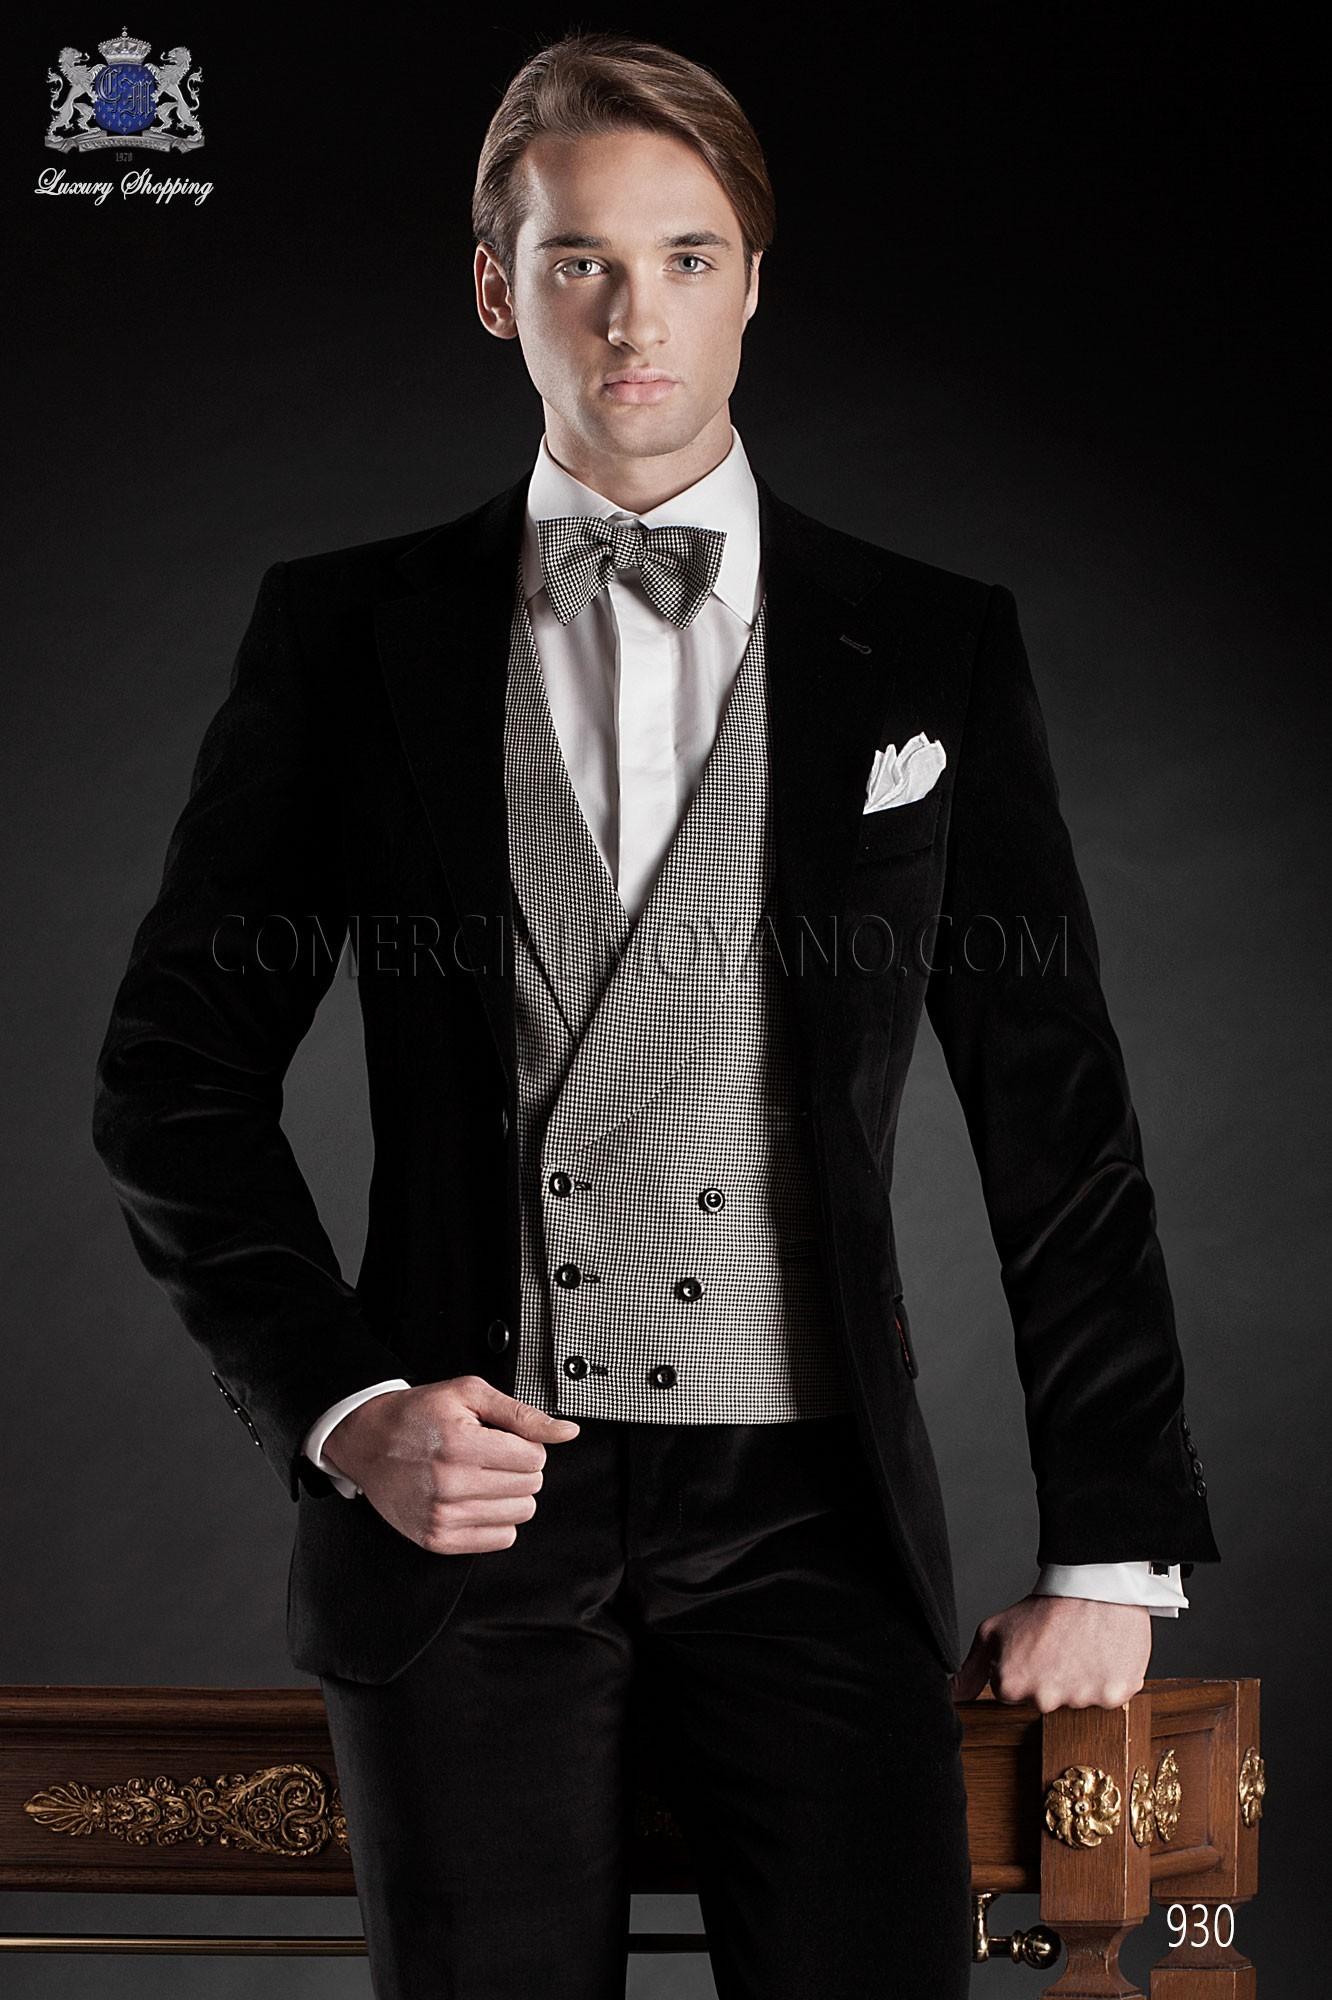 italienisch ma geschneiderten schwarzen smoking anzug stil 930 on gala. Black Bedroom Furniture Sets. Home Design Ideas